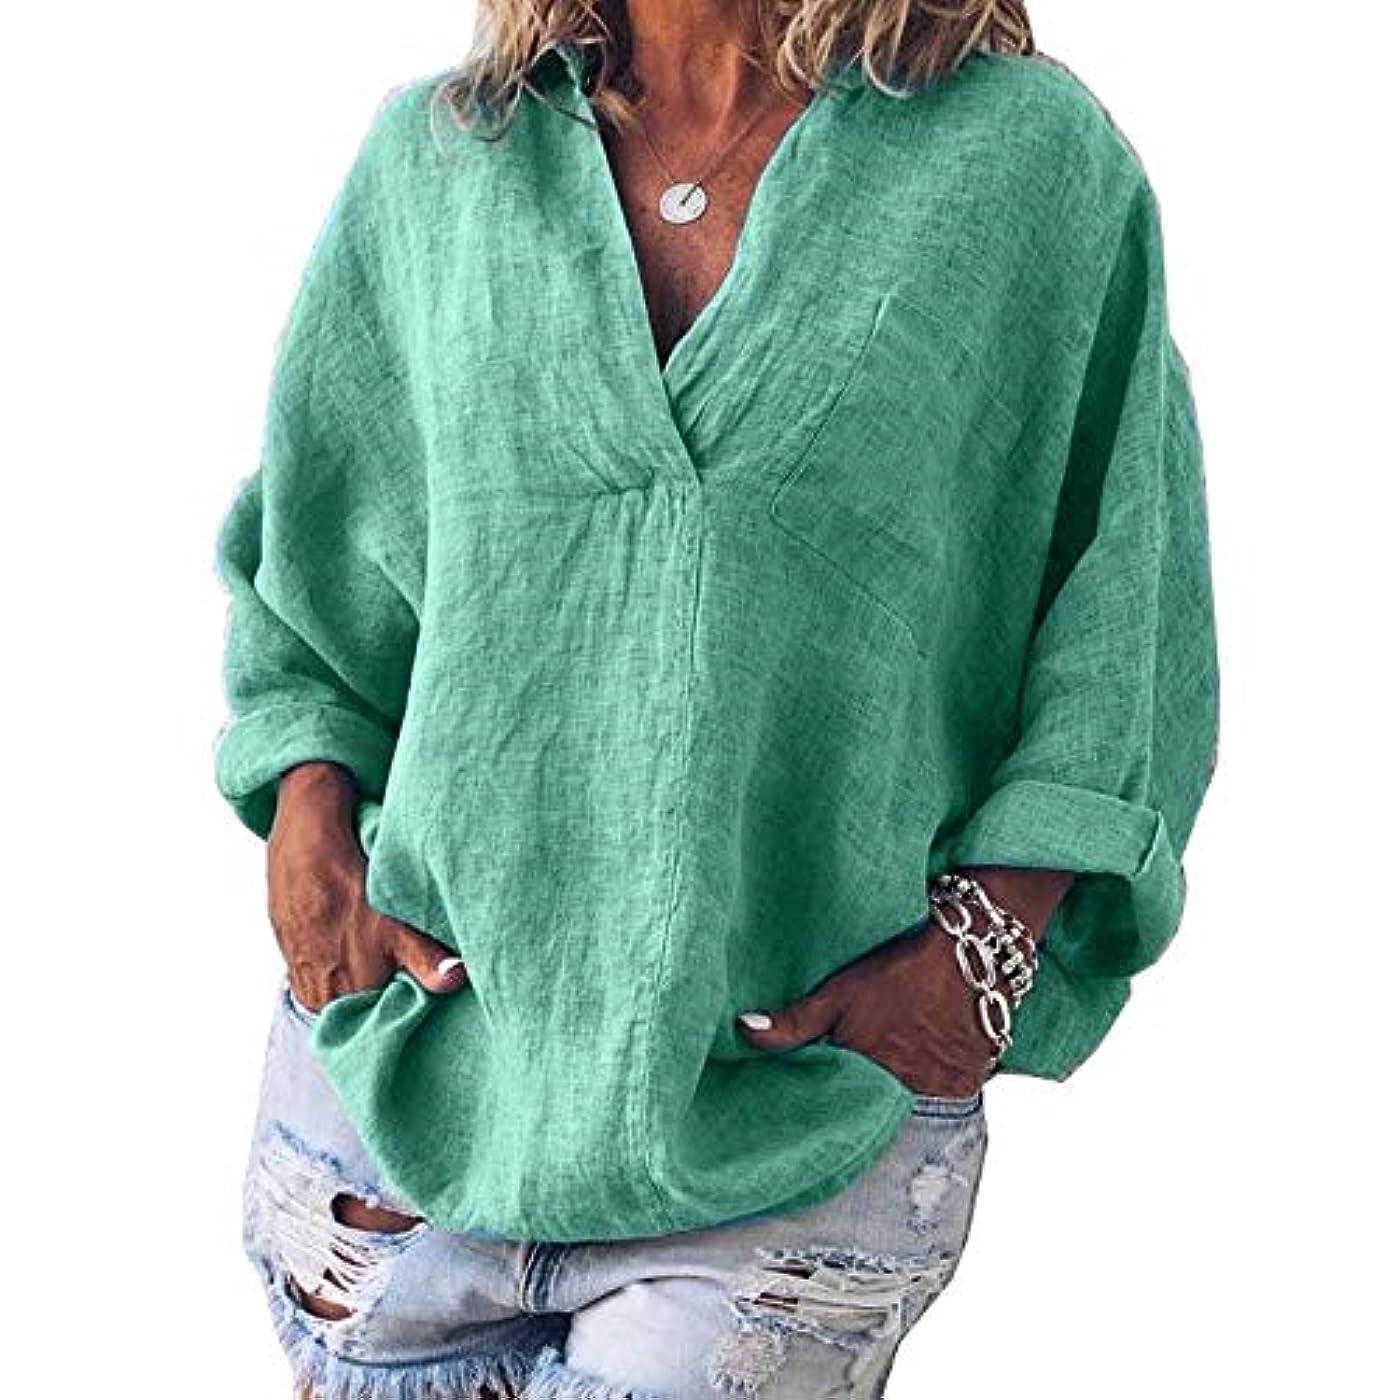 暴行予言する男性MIFAN女性ファッション春夏チュニックトップス深いVネックTシャツ長袖プルオーバールーズリネンブラウス